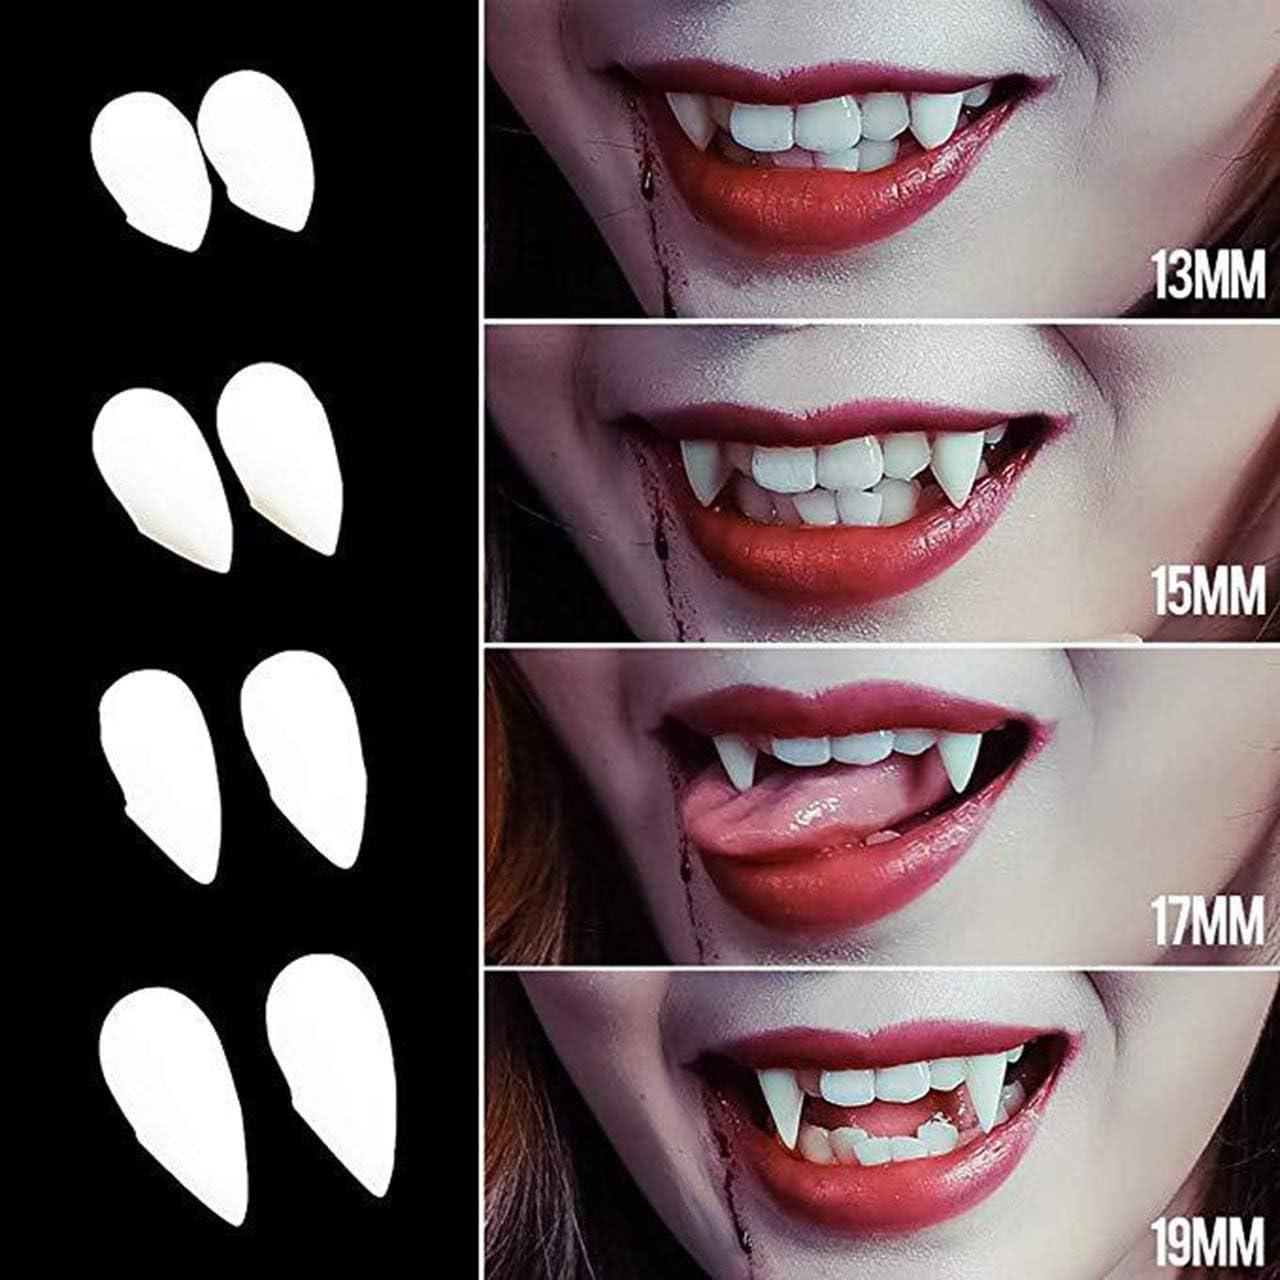 Cosplay Halloween Dentiere Zombie Denti da Vampiro Fantasma Diavolo Zanne Lupo Mannaro Denti Confezione Regalo Prop Costume Party Bianco Jasnyfall